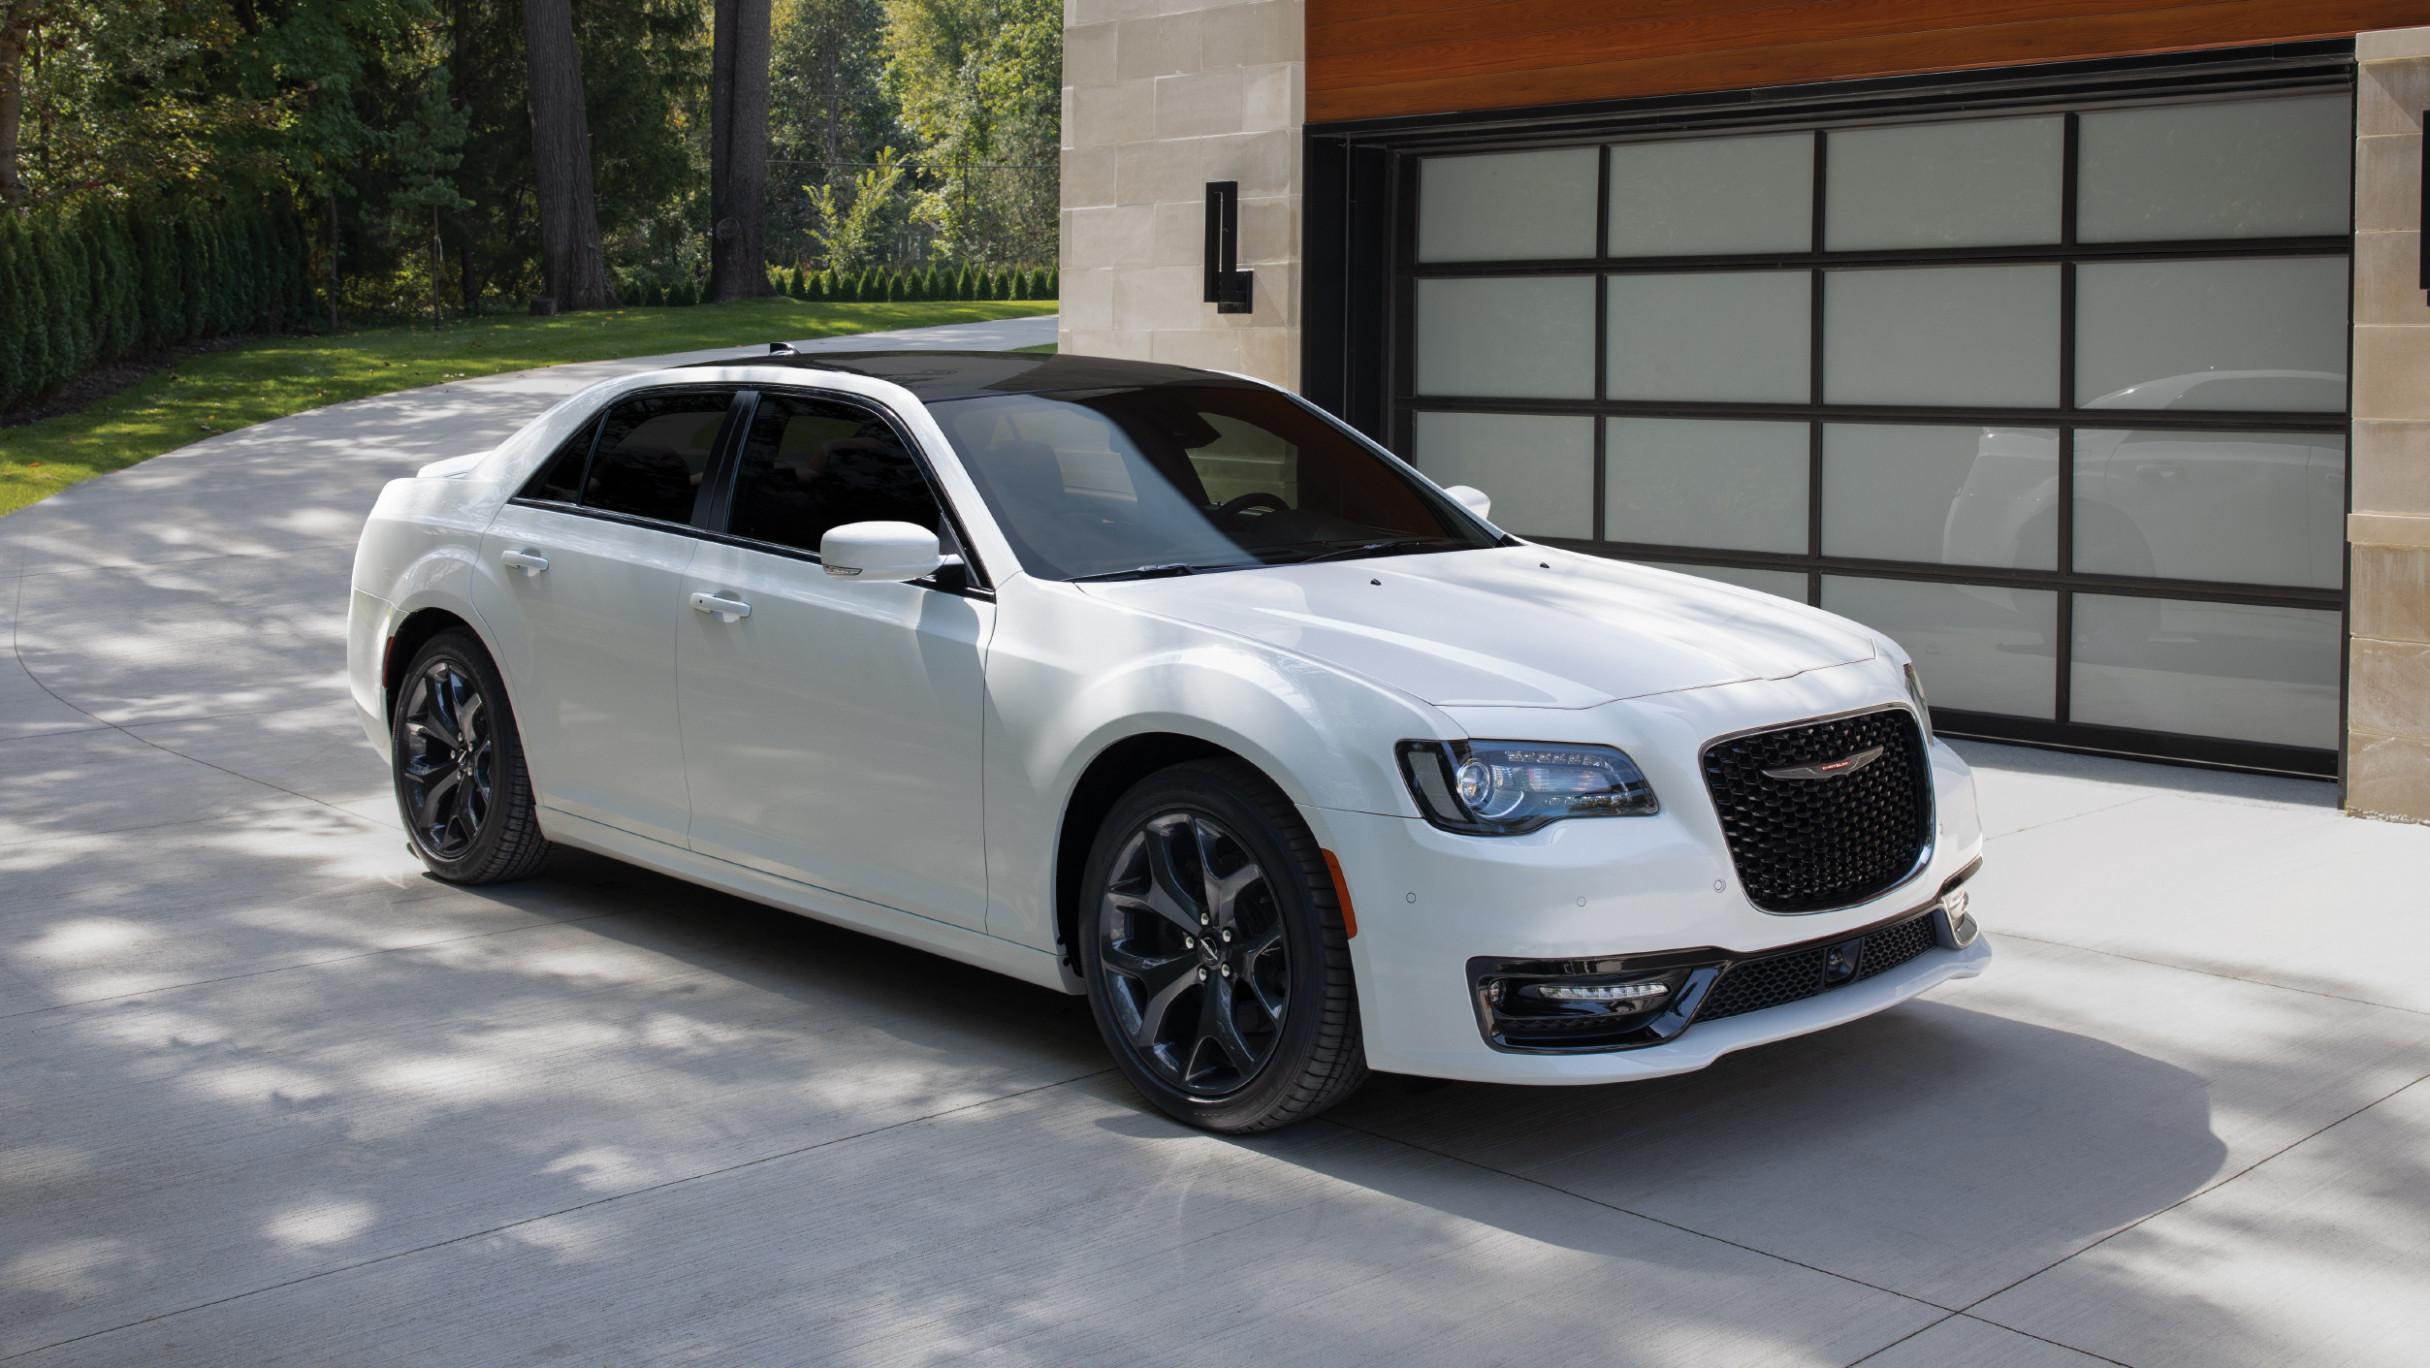 Rumors 2022 Chrysler 300